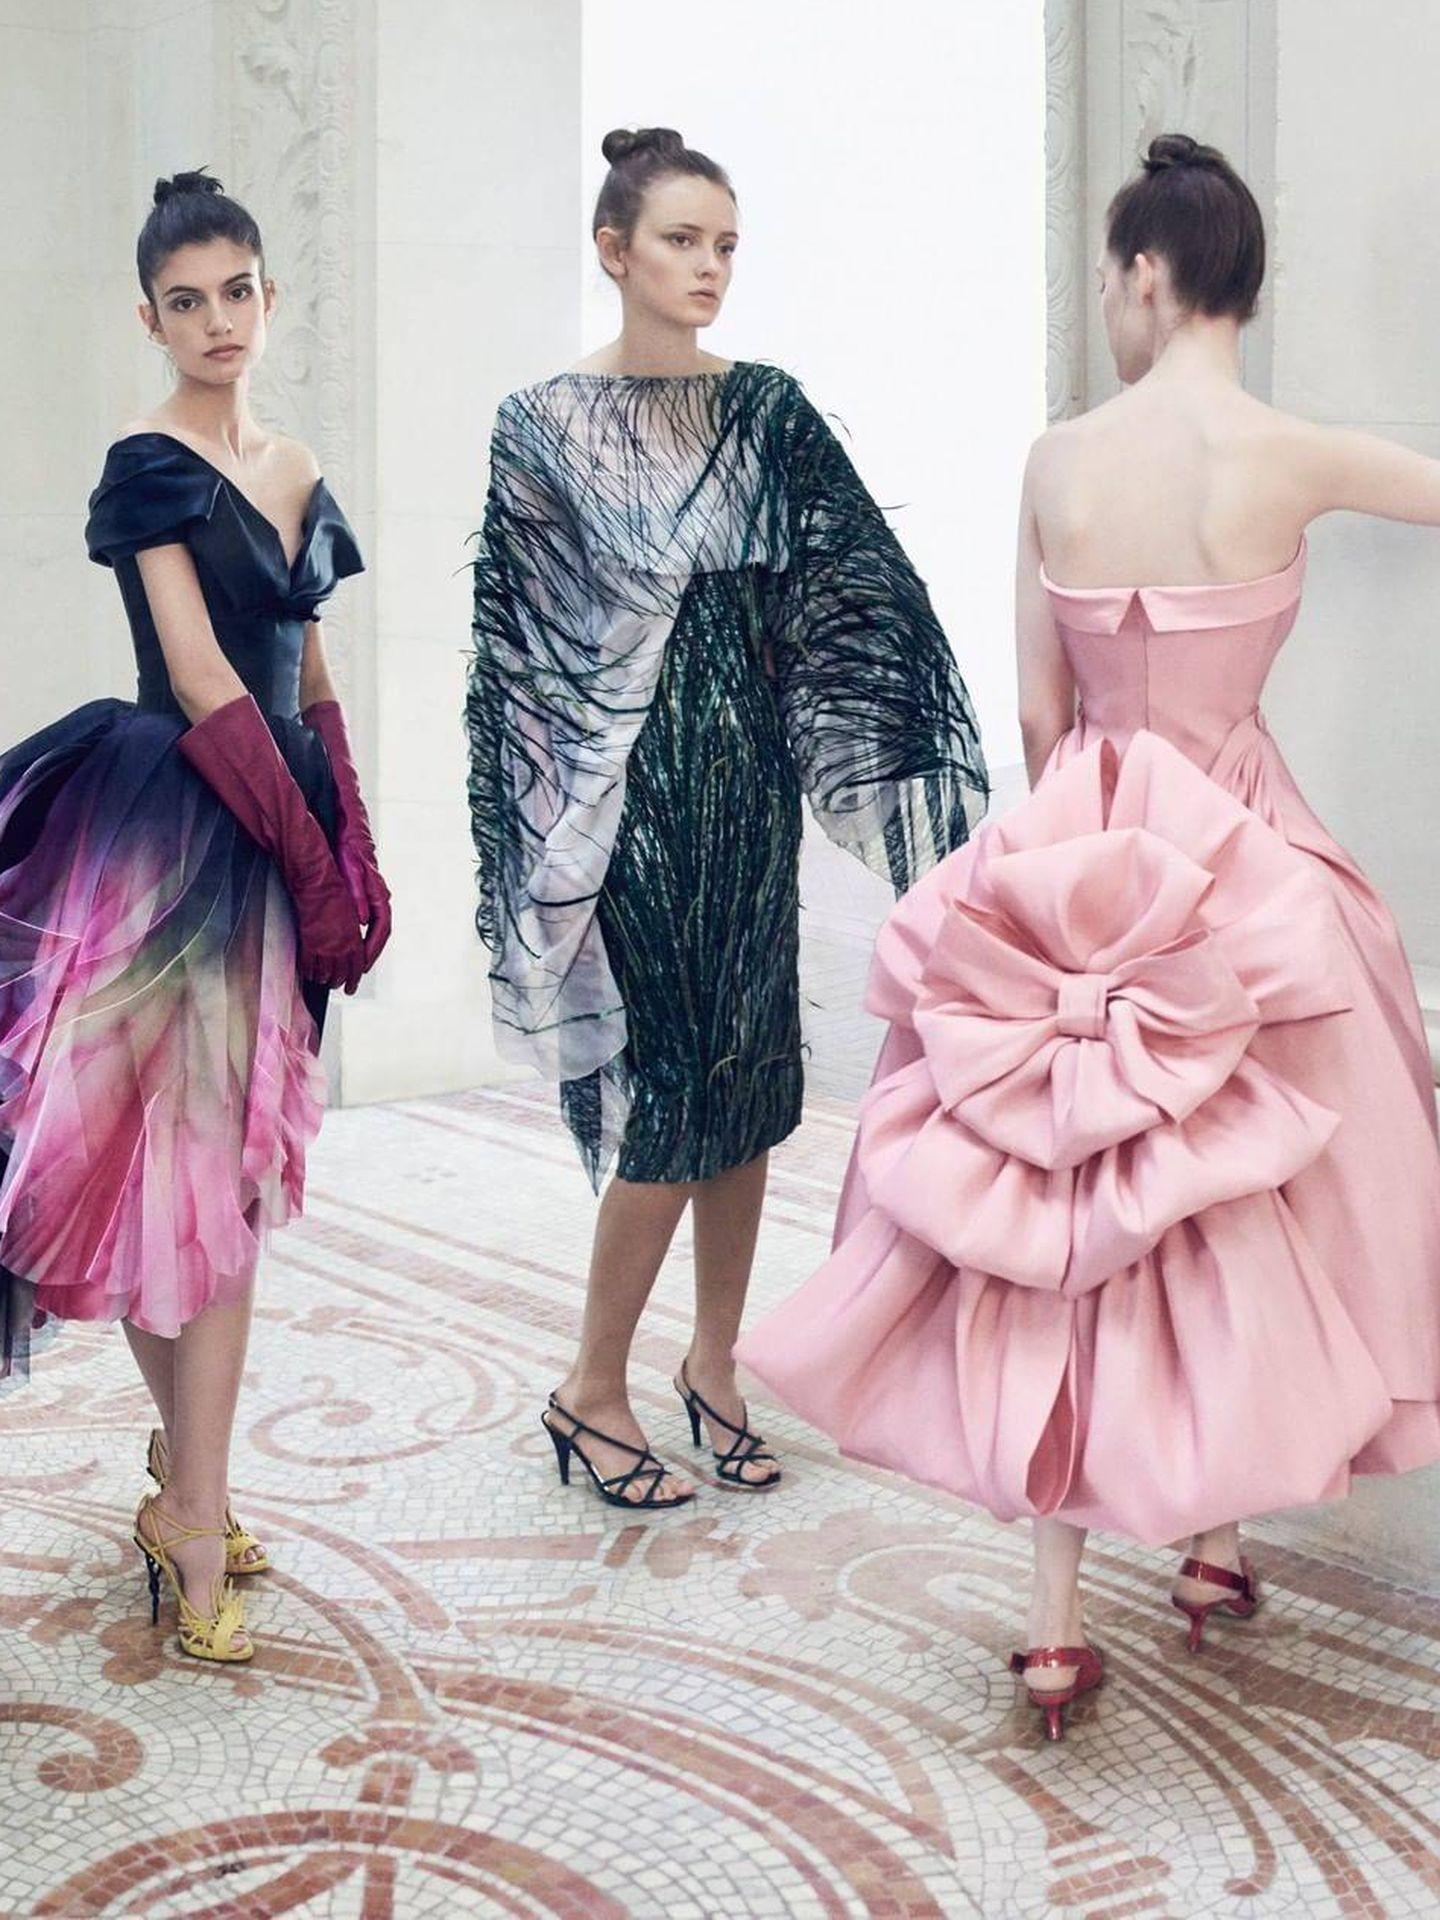 Imagen de Instagram, Christian Dior.